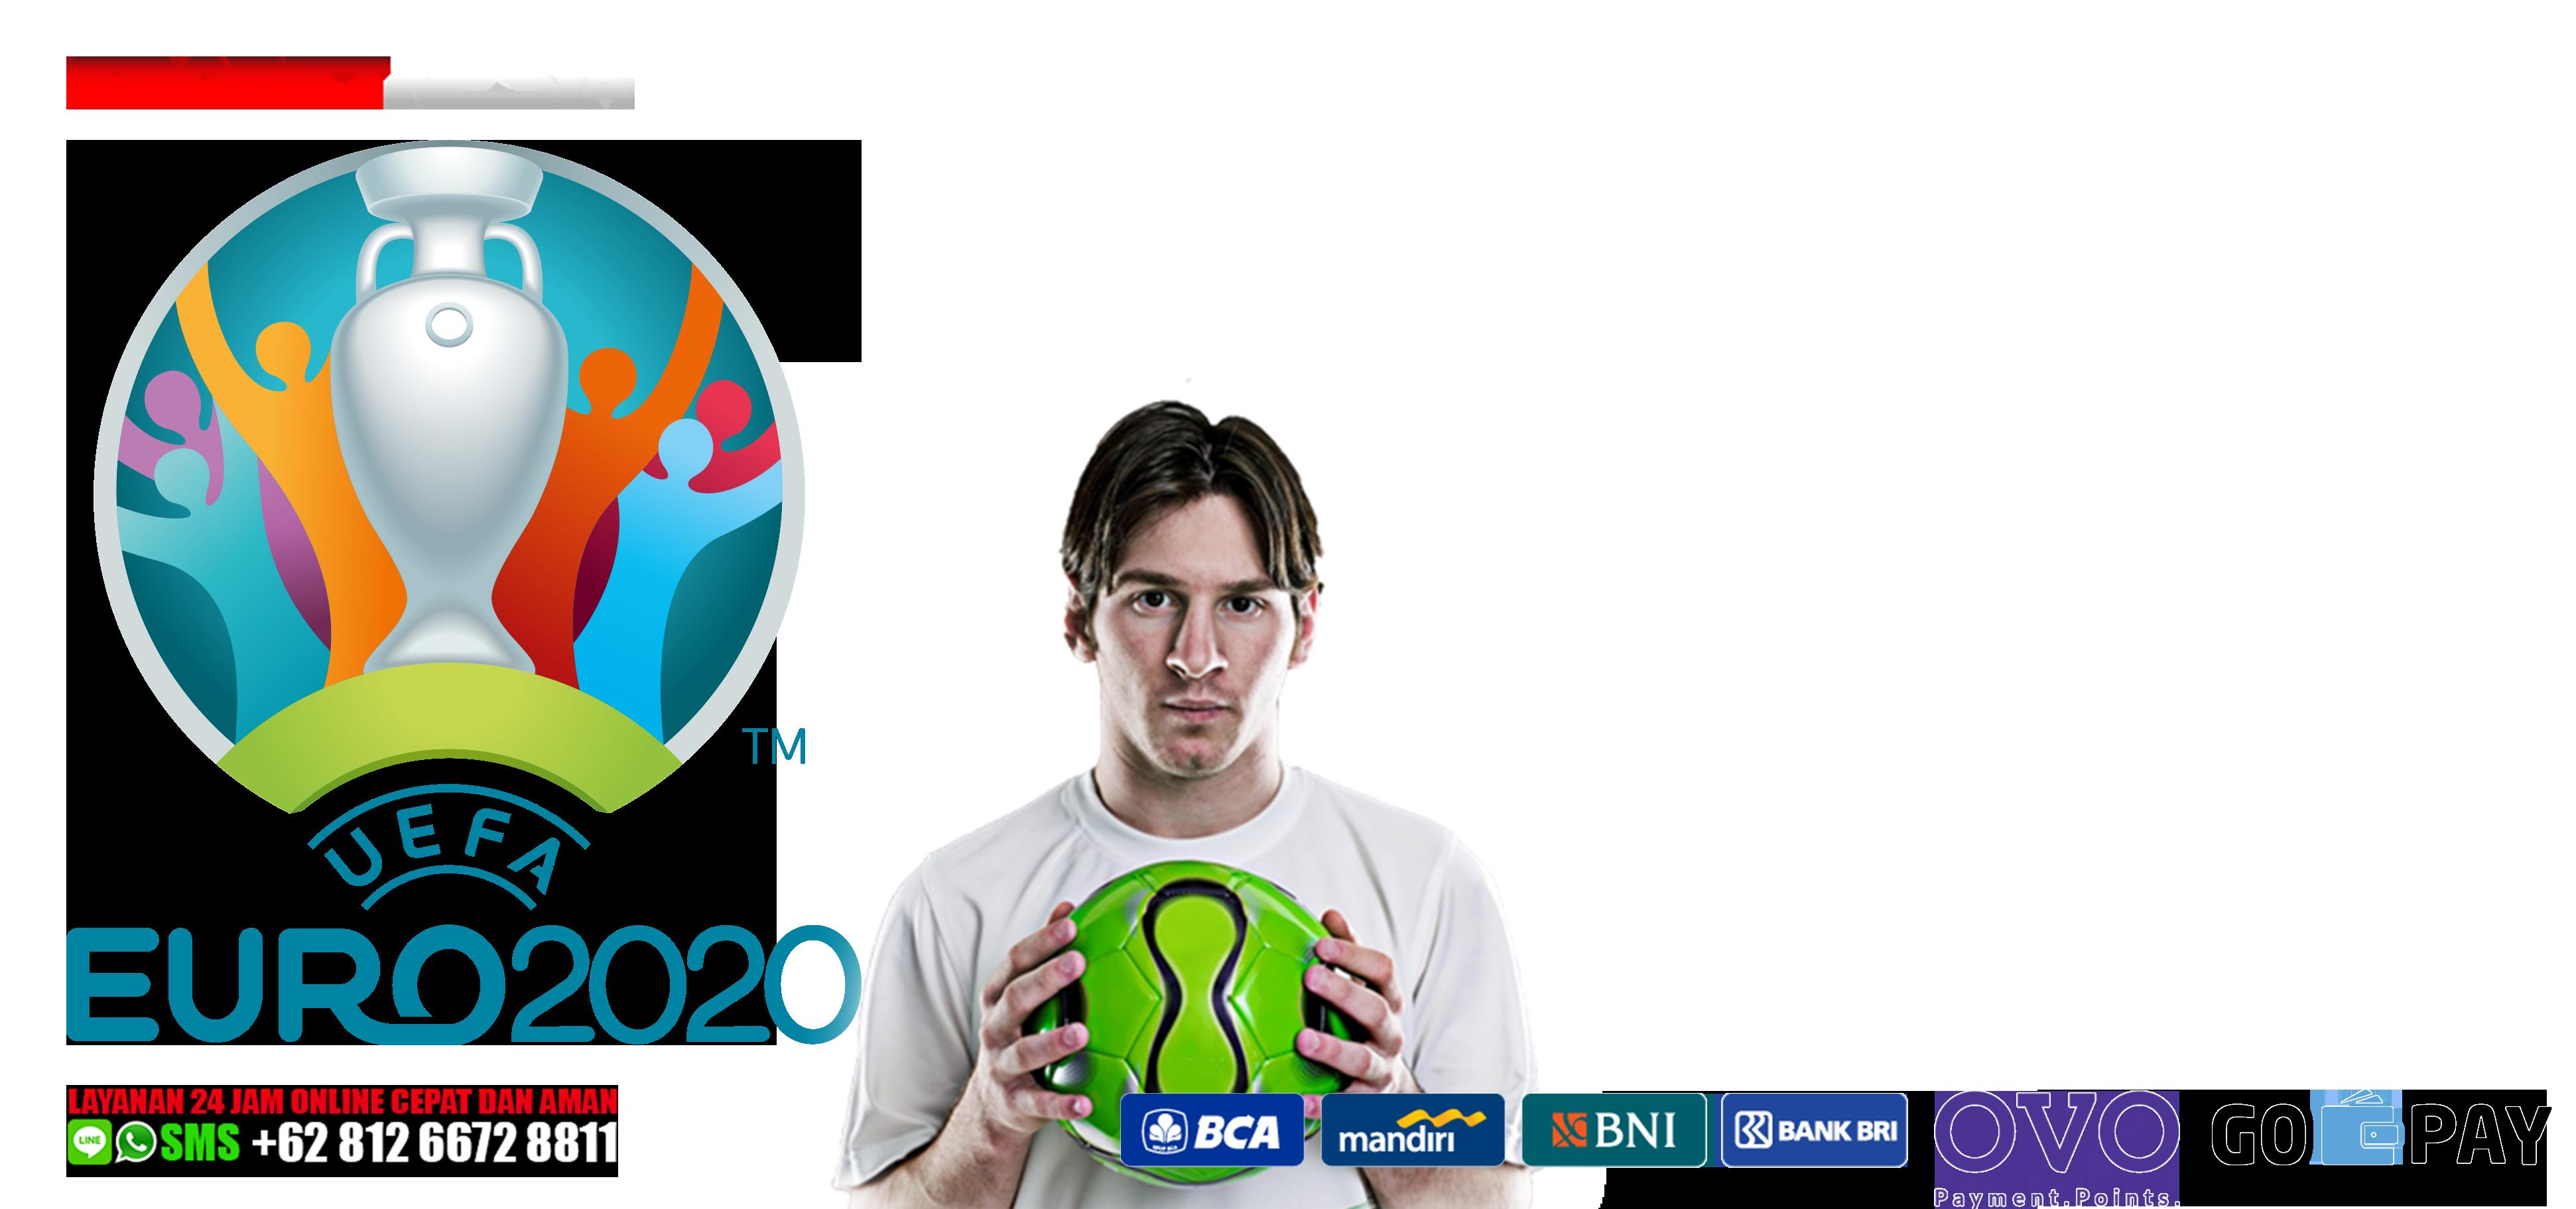 Pin Di Agen Judi Bola Euro 2020